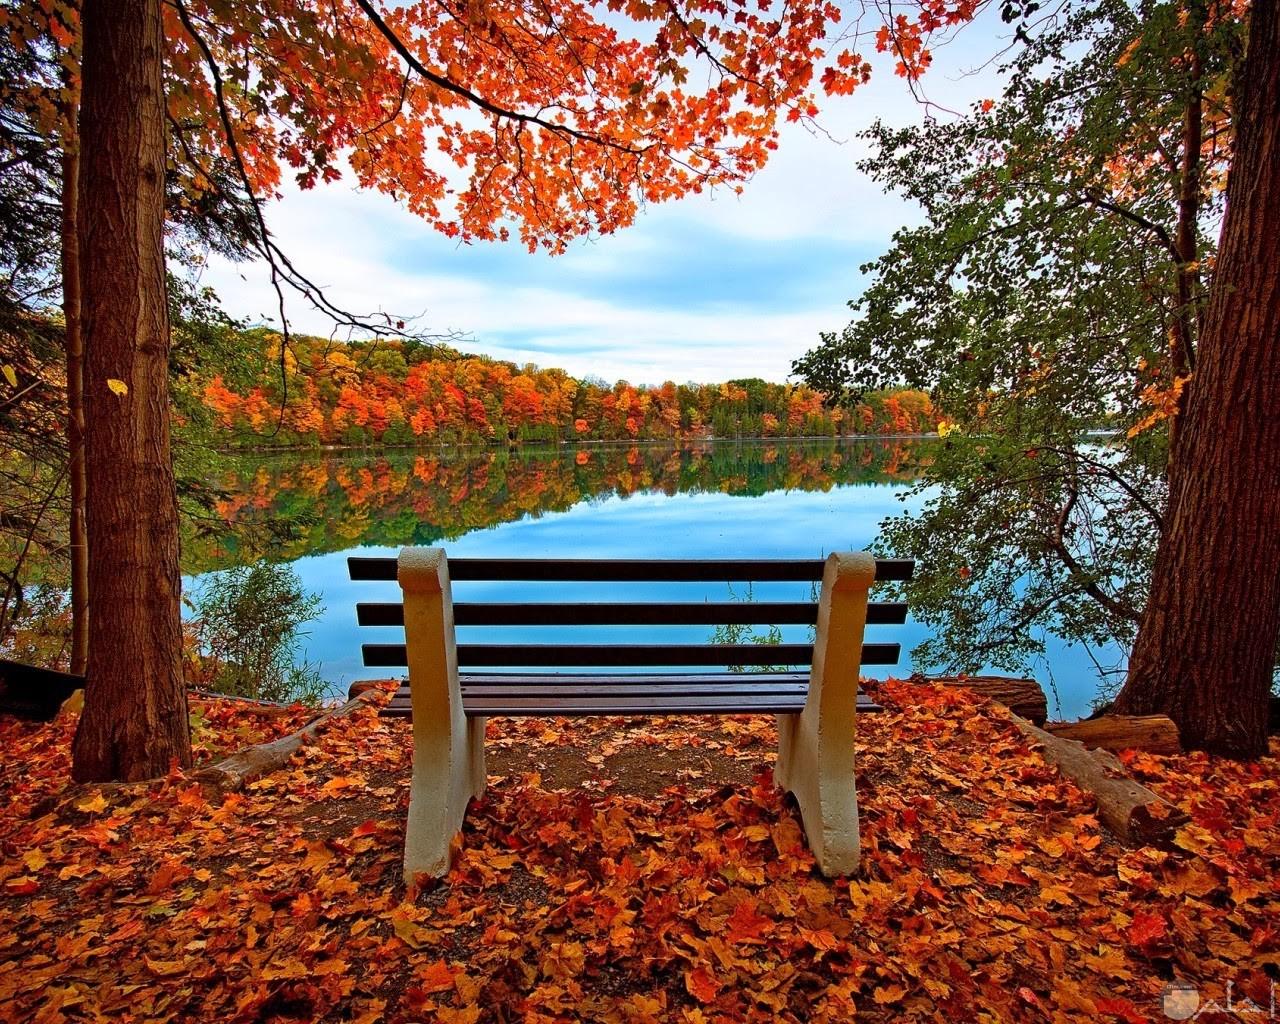 جلسة رائعة وسط منظر لتداخل أشجار ملونة